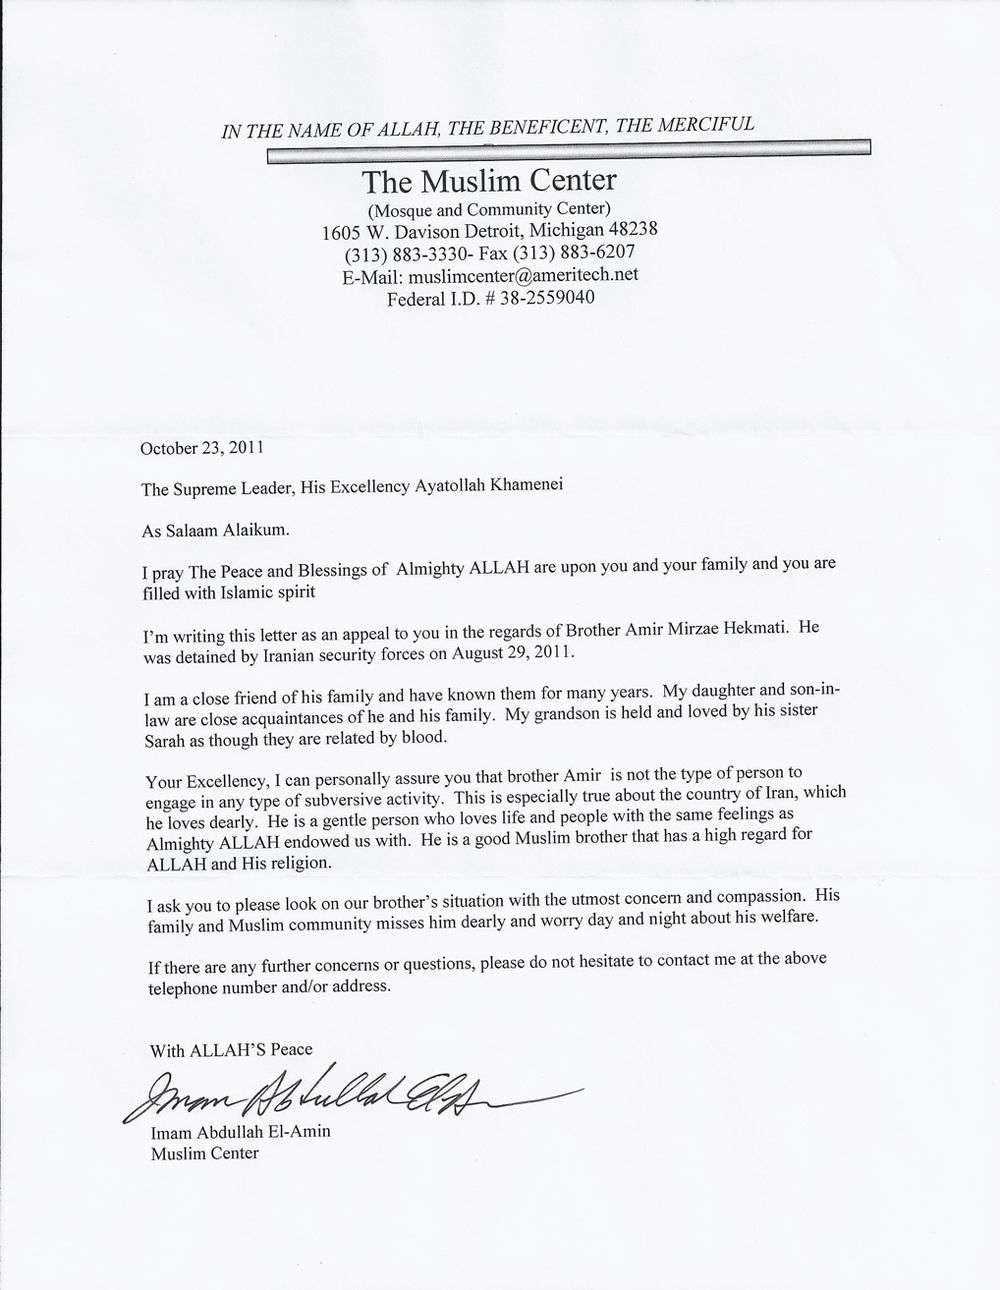 muslimcenter.jpg